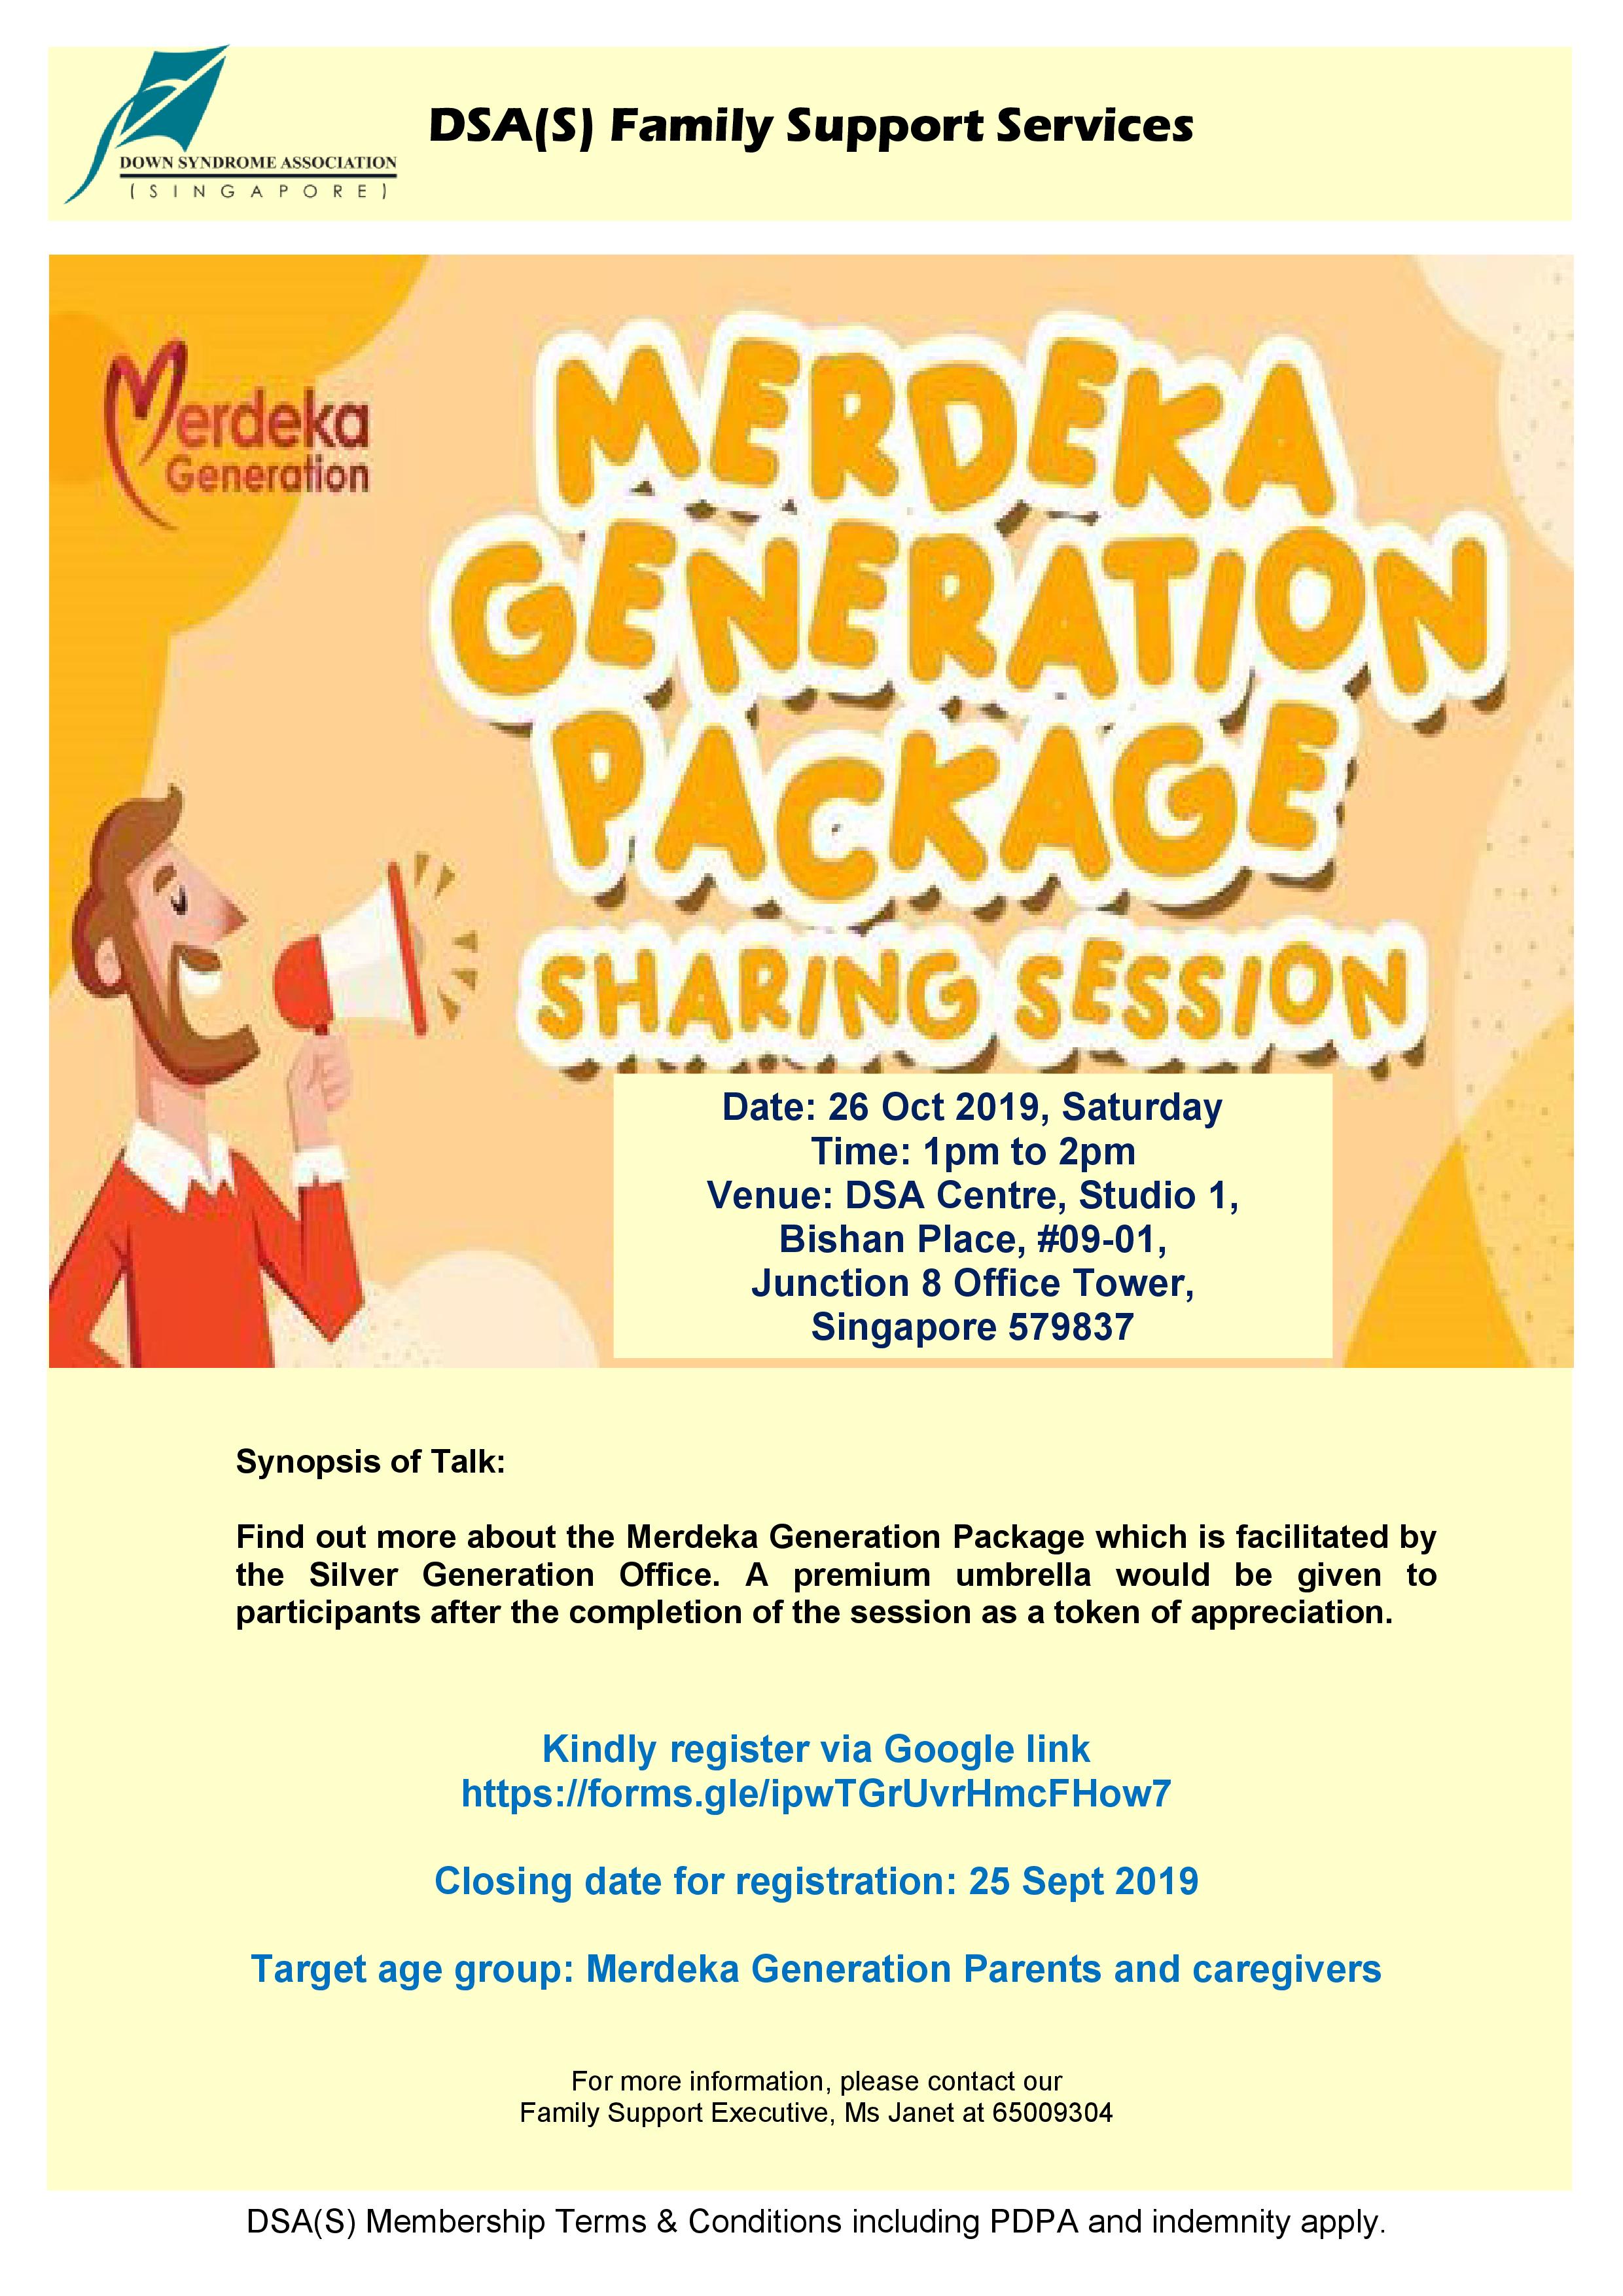 DSA Workshop - Merdeka Generation Package Sharing Session